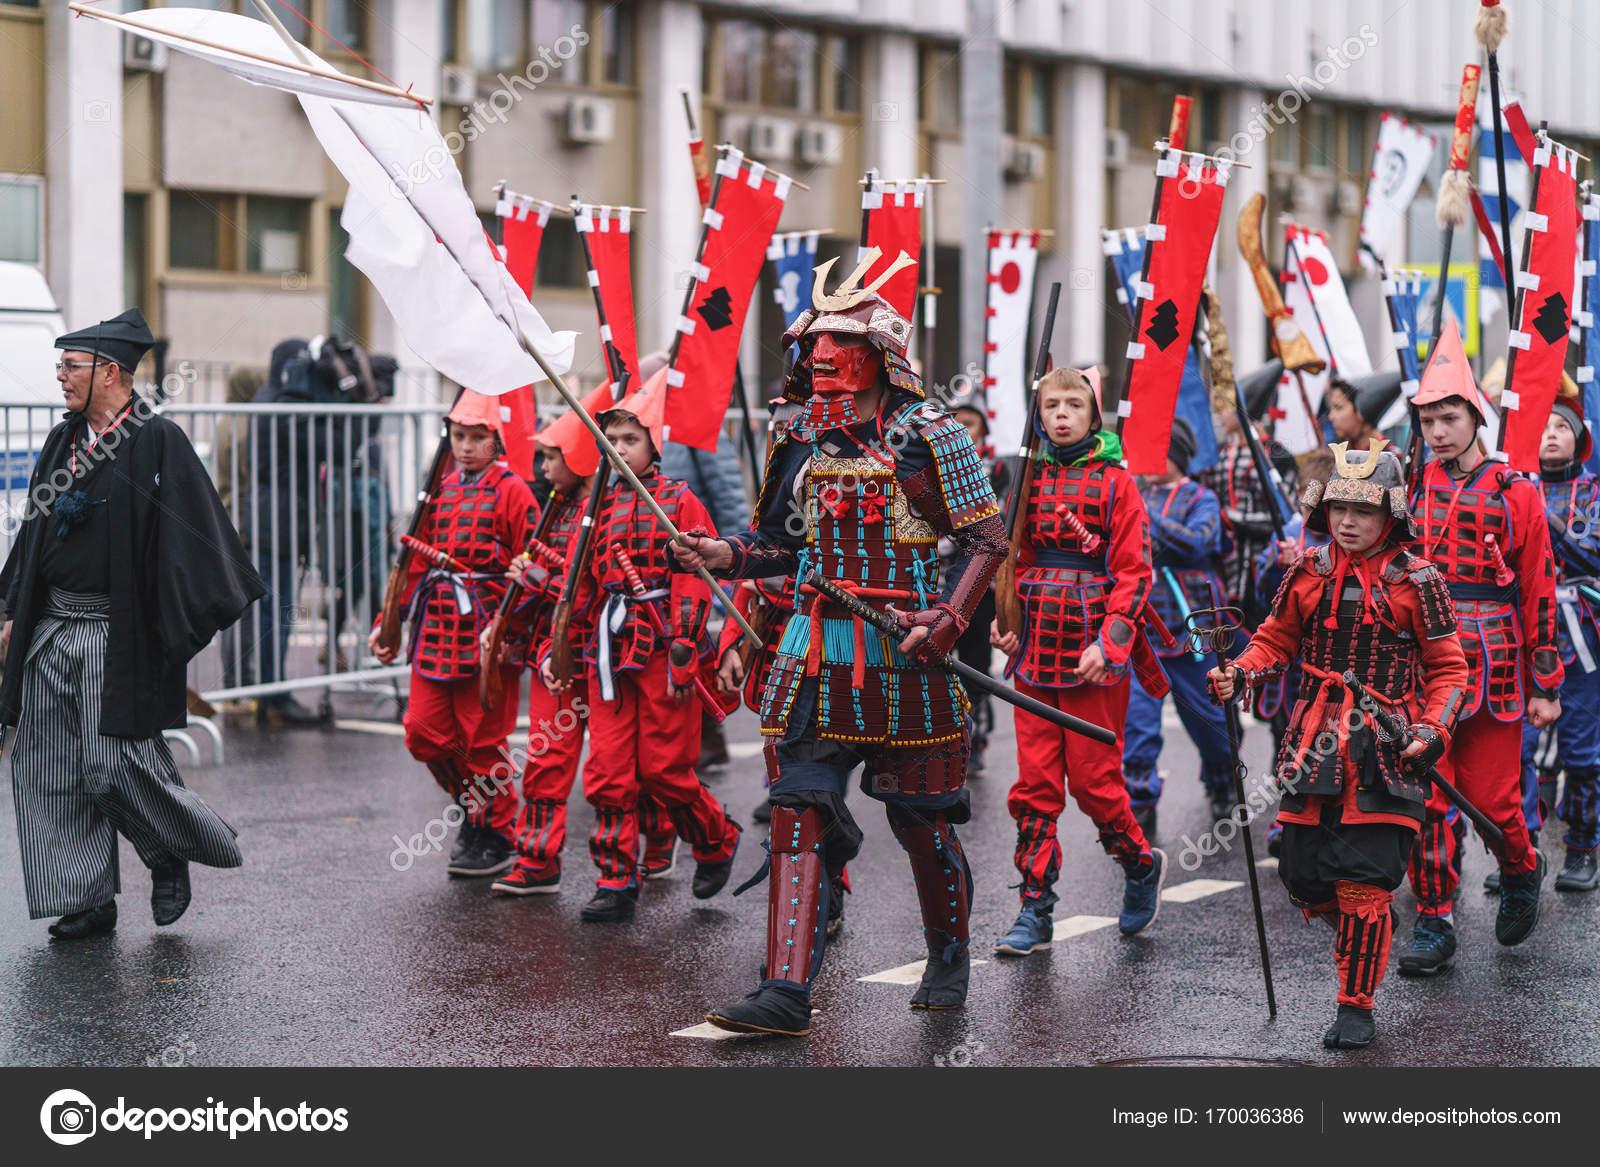 Москва, Россия, 14 октября 2017: карнавал парад в Москве ... - photo#42